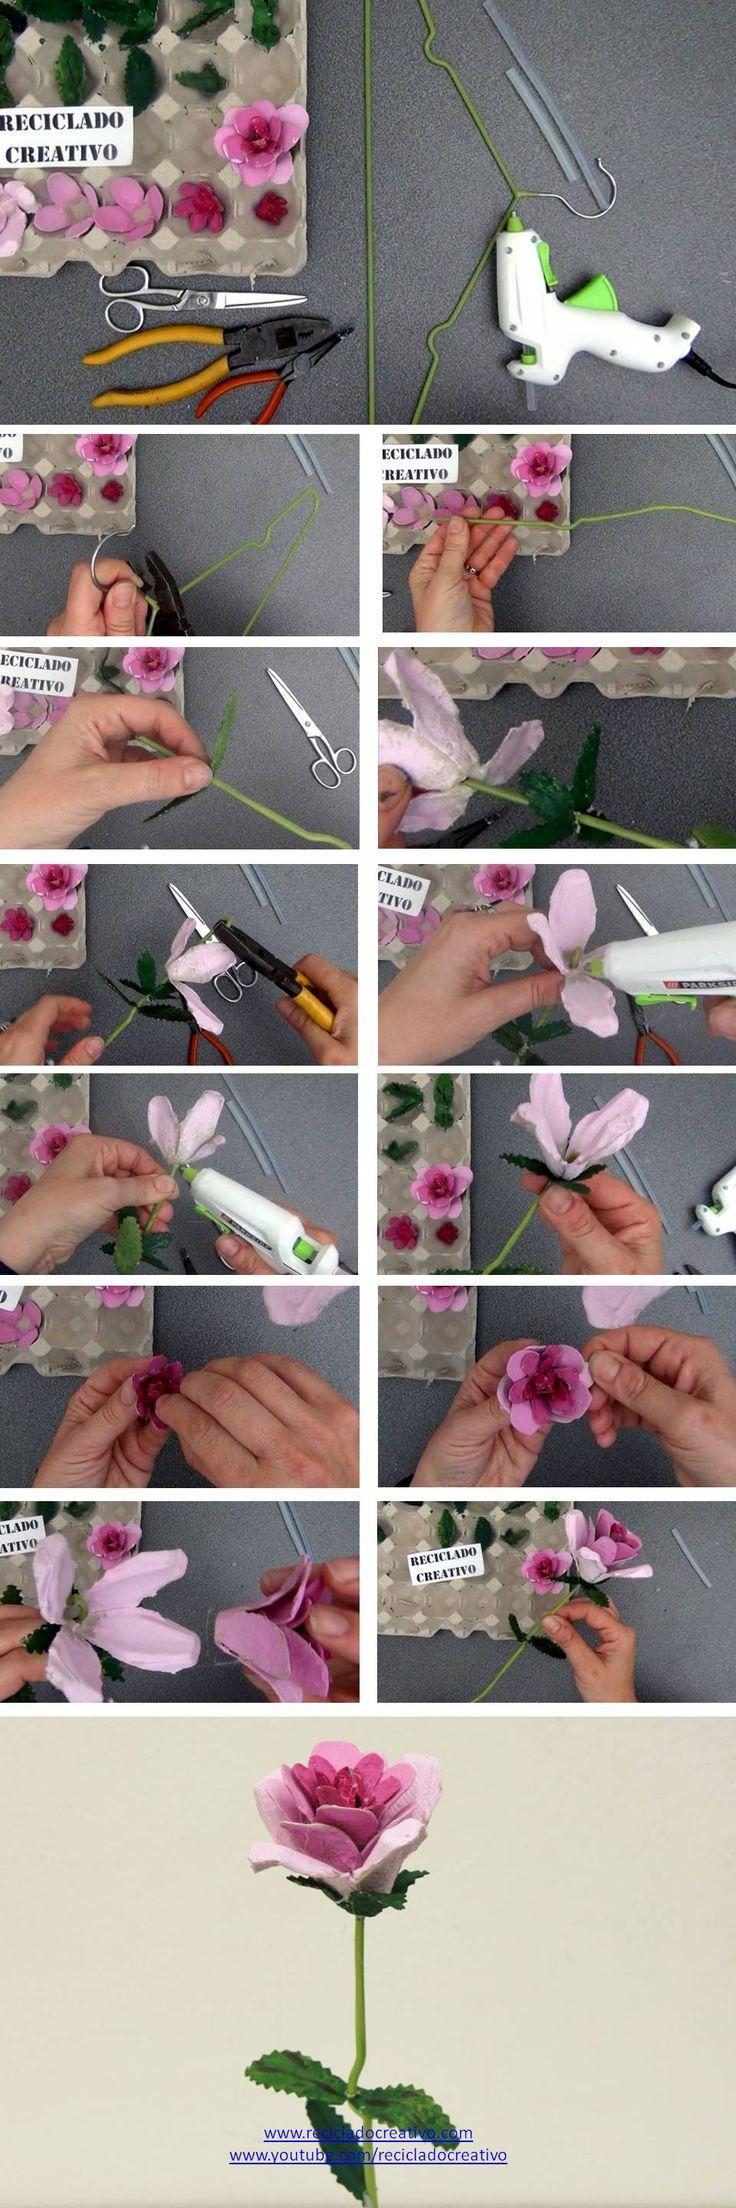 Cómo hacer rosas con hueveras de cartón y tallo de percha de la ropa https://youtu.be/0NcFL0AZdZc